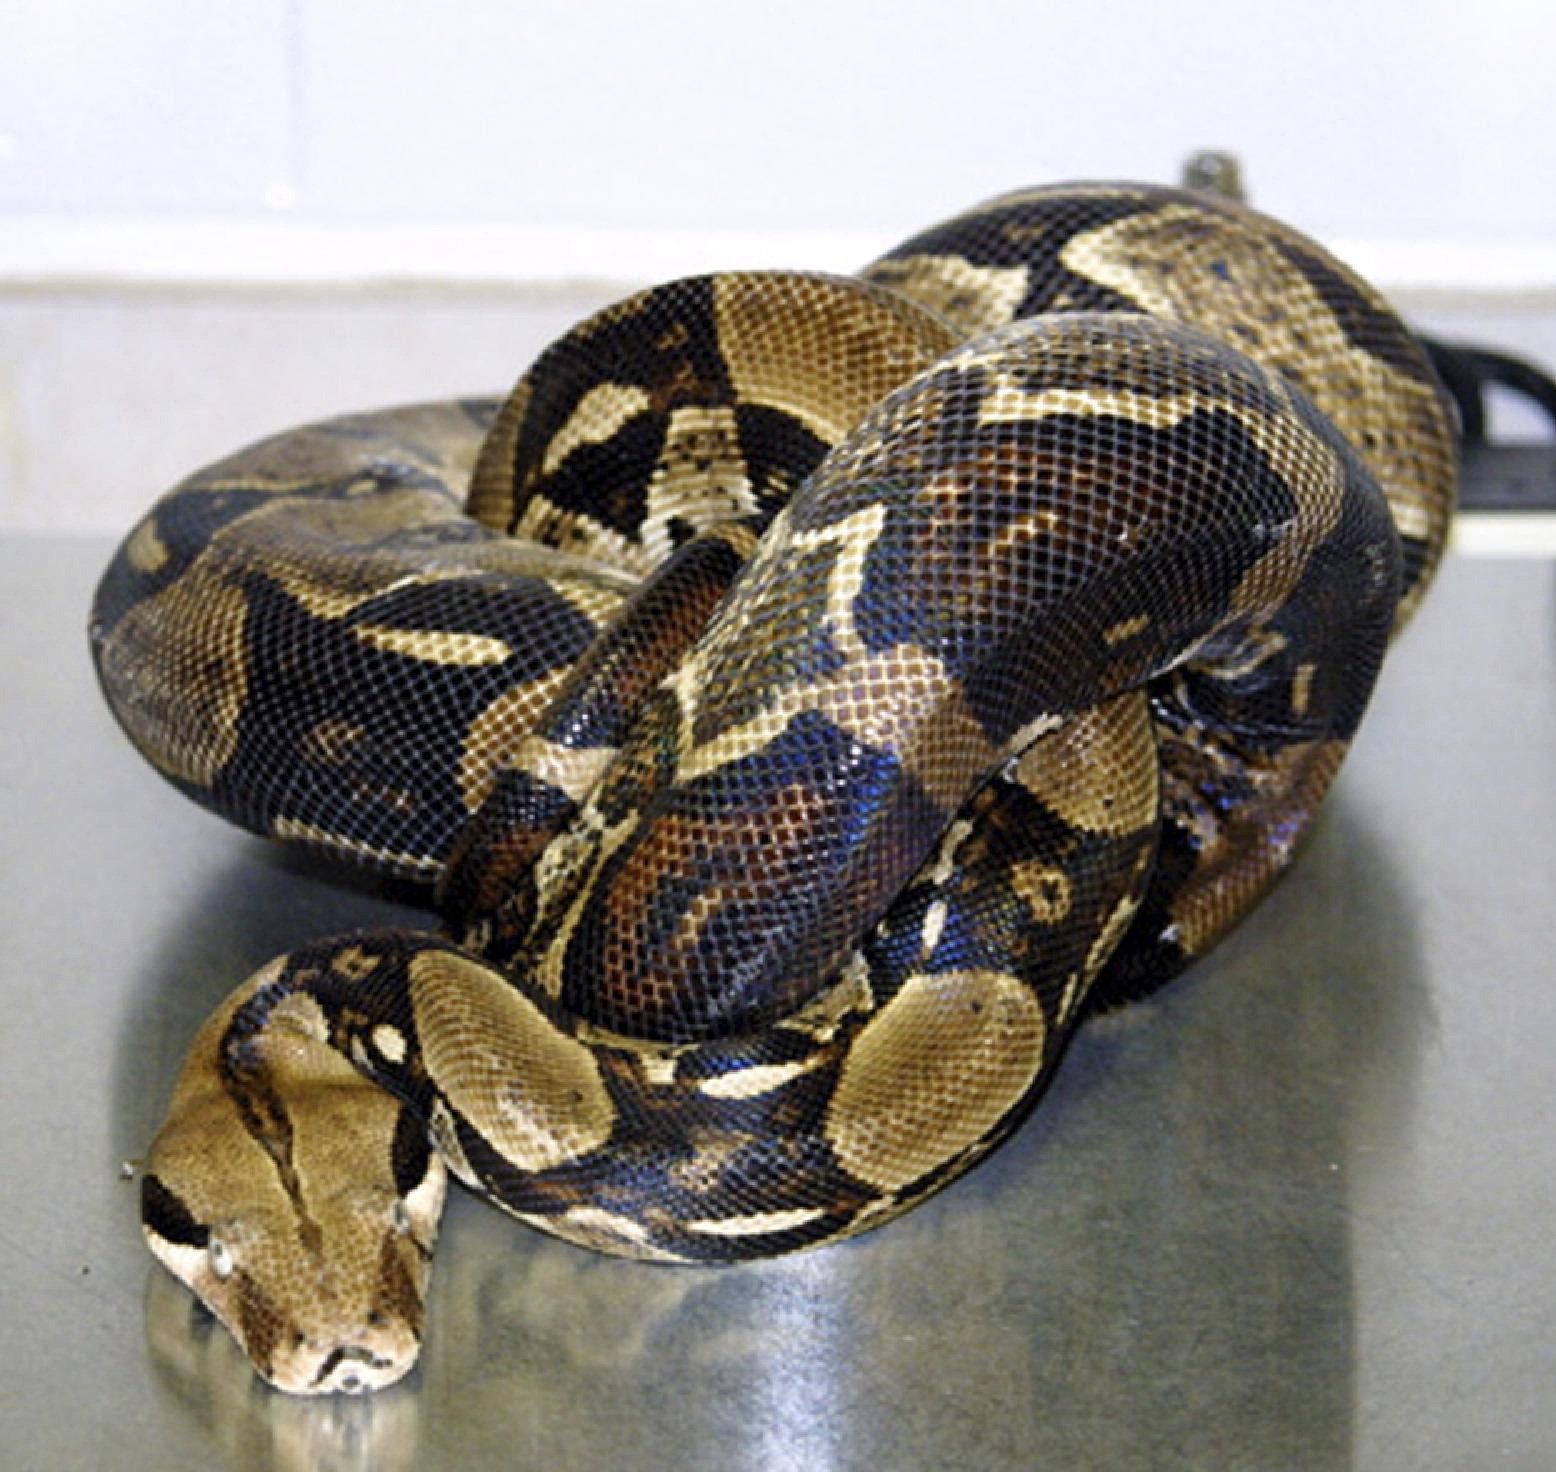 IBD python.jpg